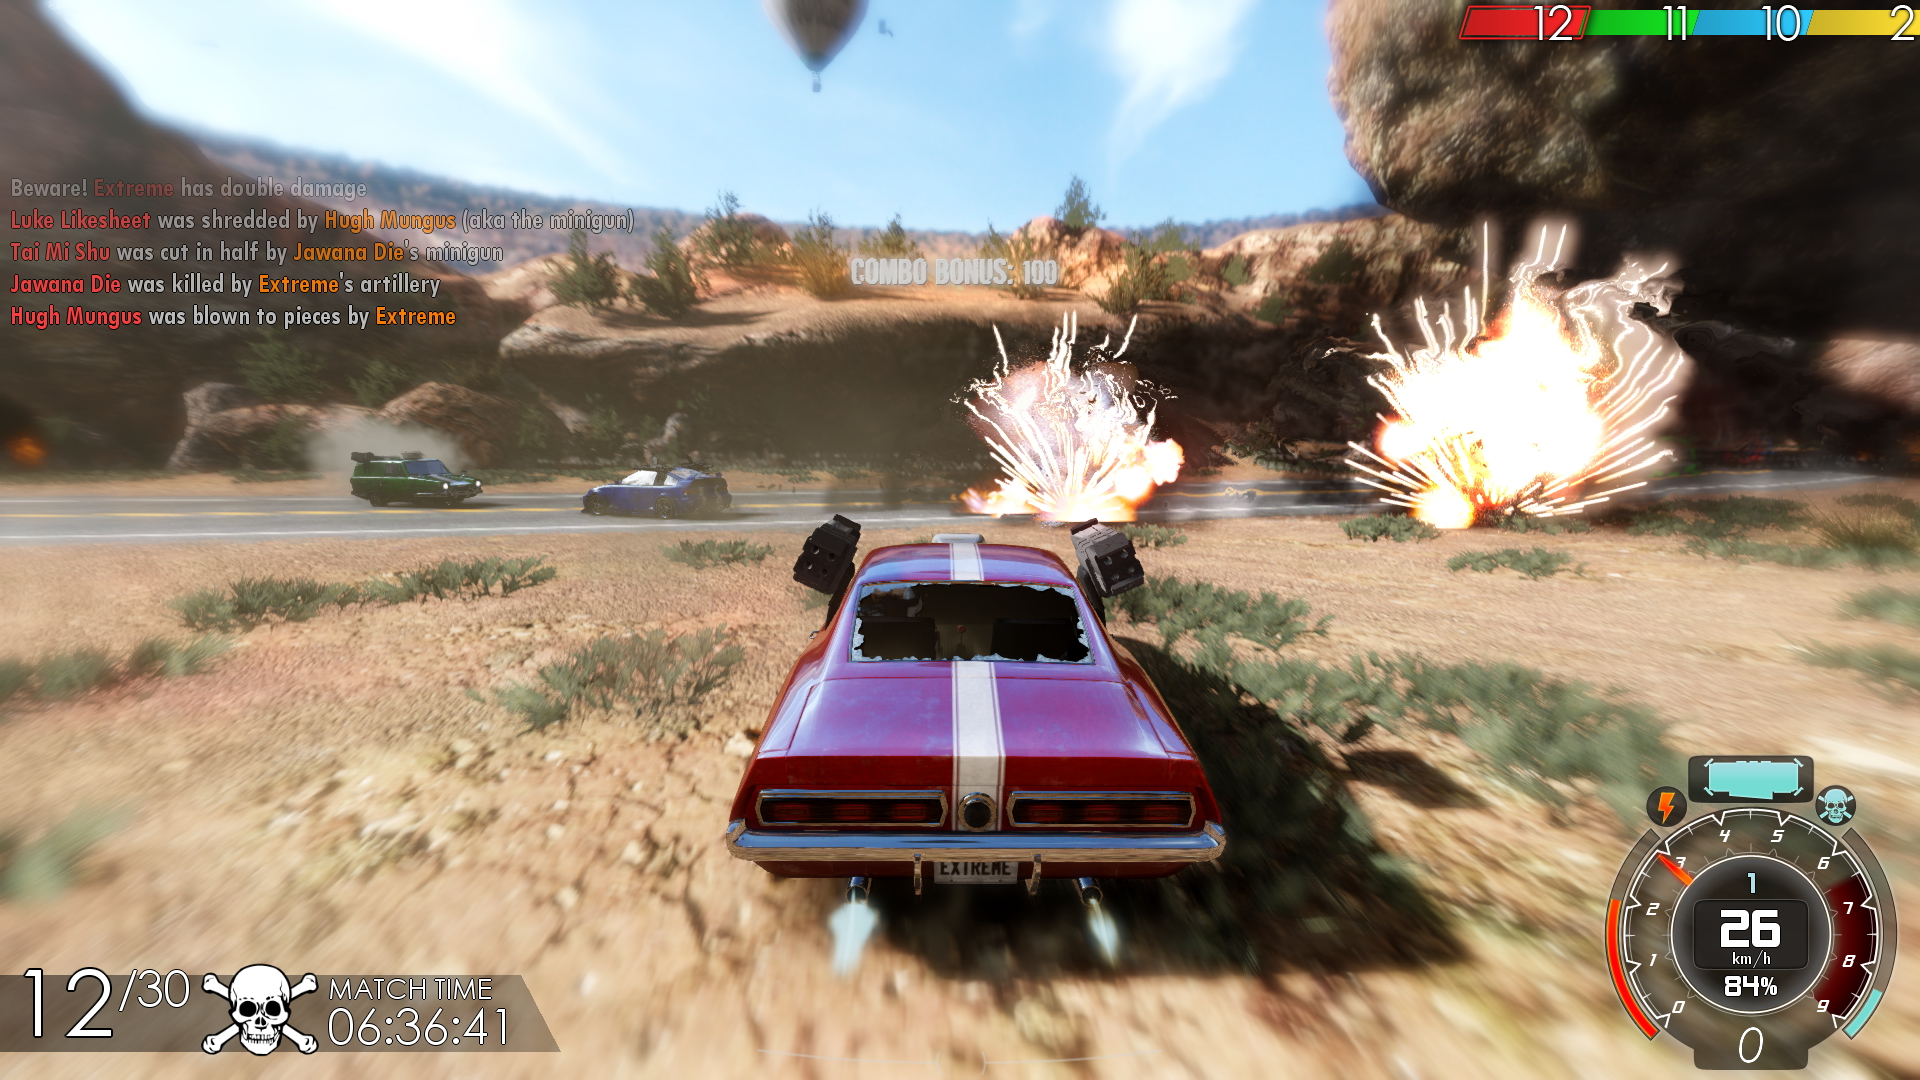 com.steam.243800-screenshot